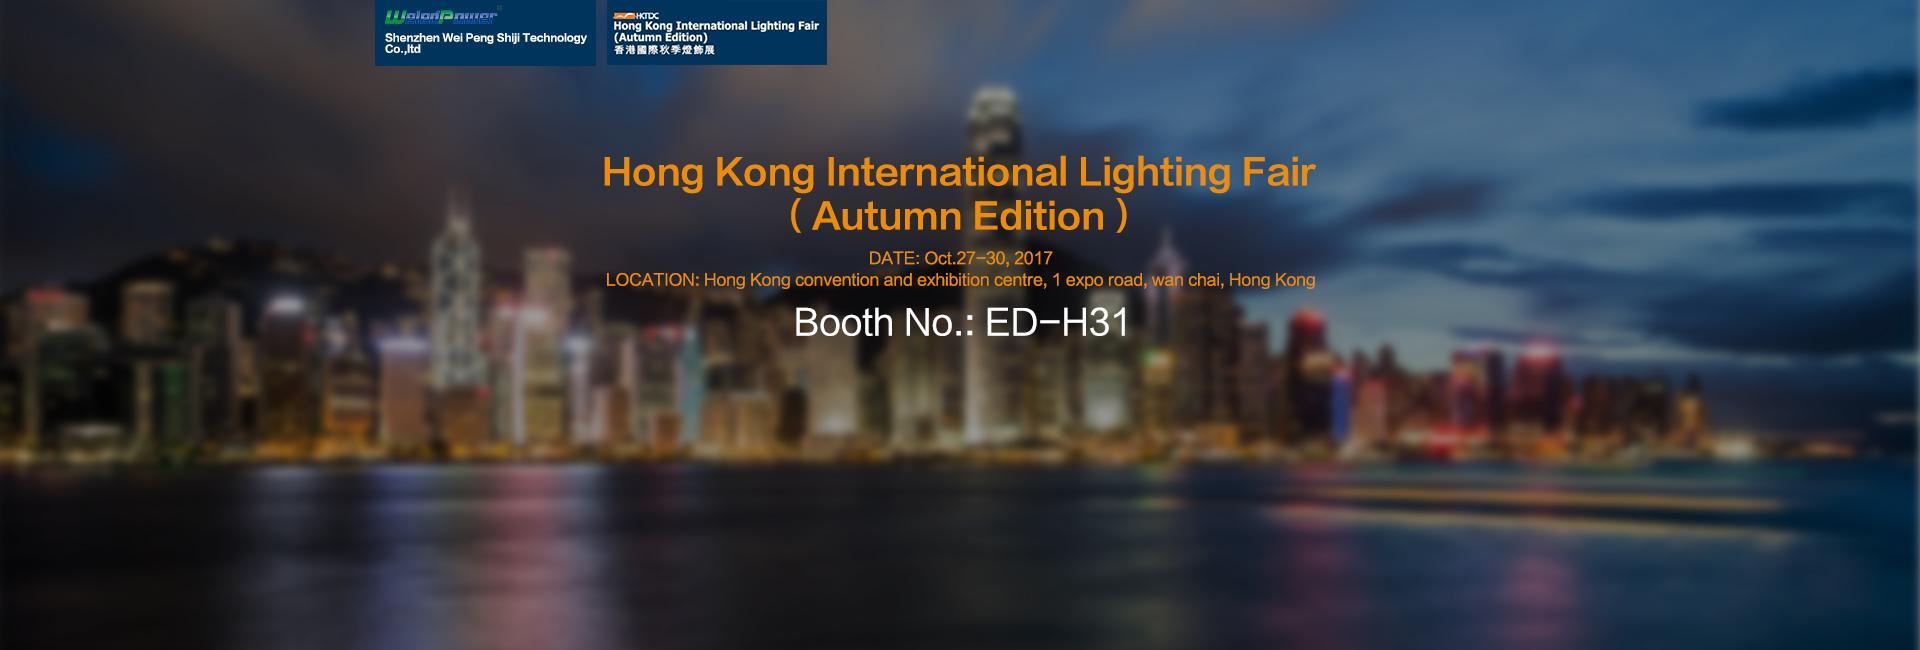 Hong Kong International Lighting Fair